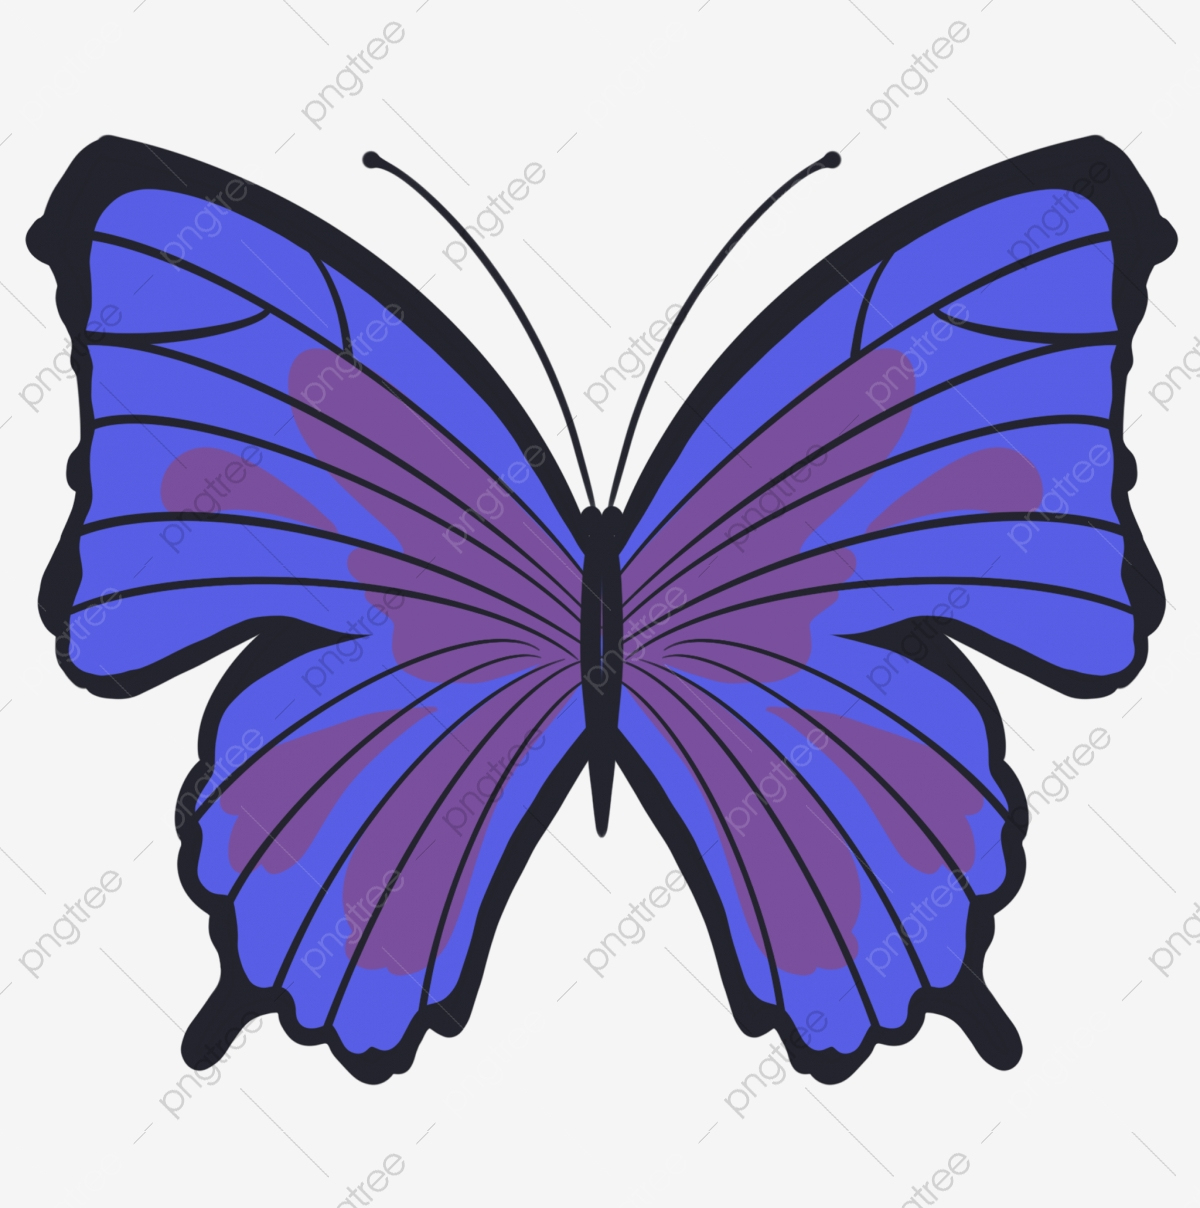 Idées Pour Petit Papillon Bleu Dessin - Random Spirit concernant Dessin Petit Papillon